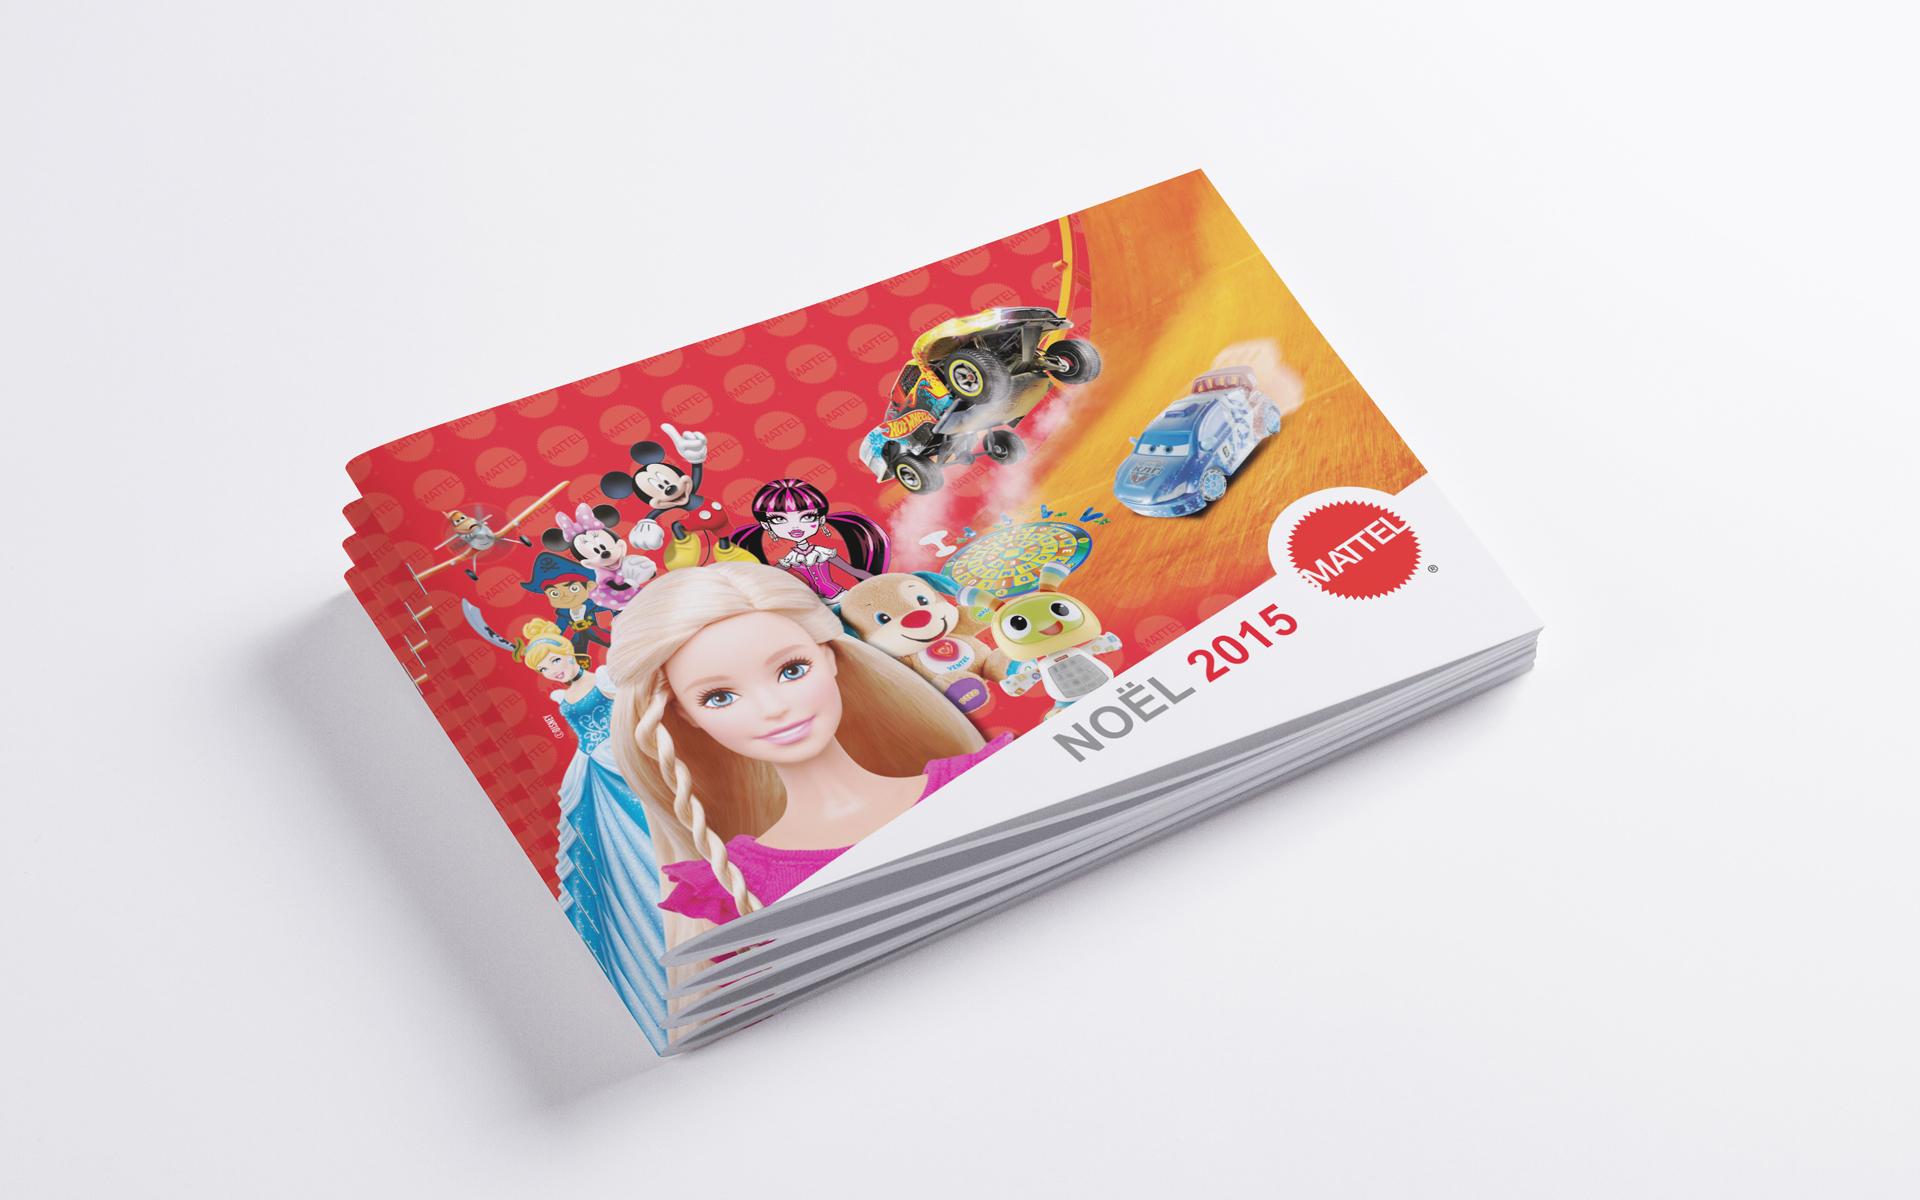 Mattel-catalogue-2015-1